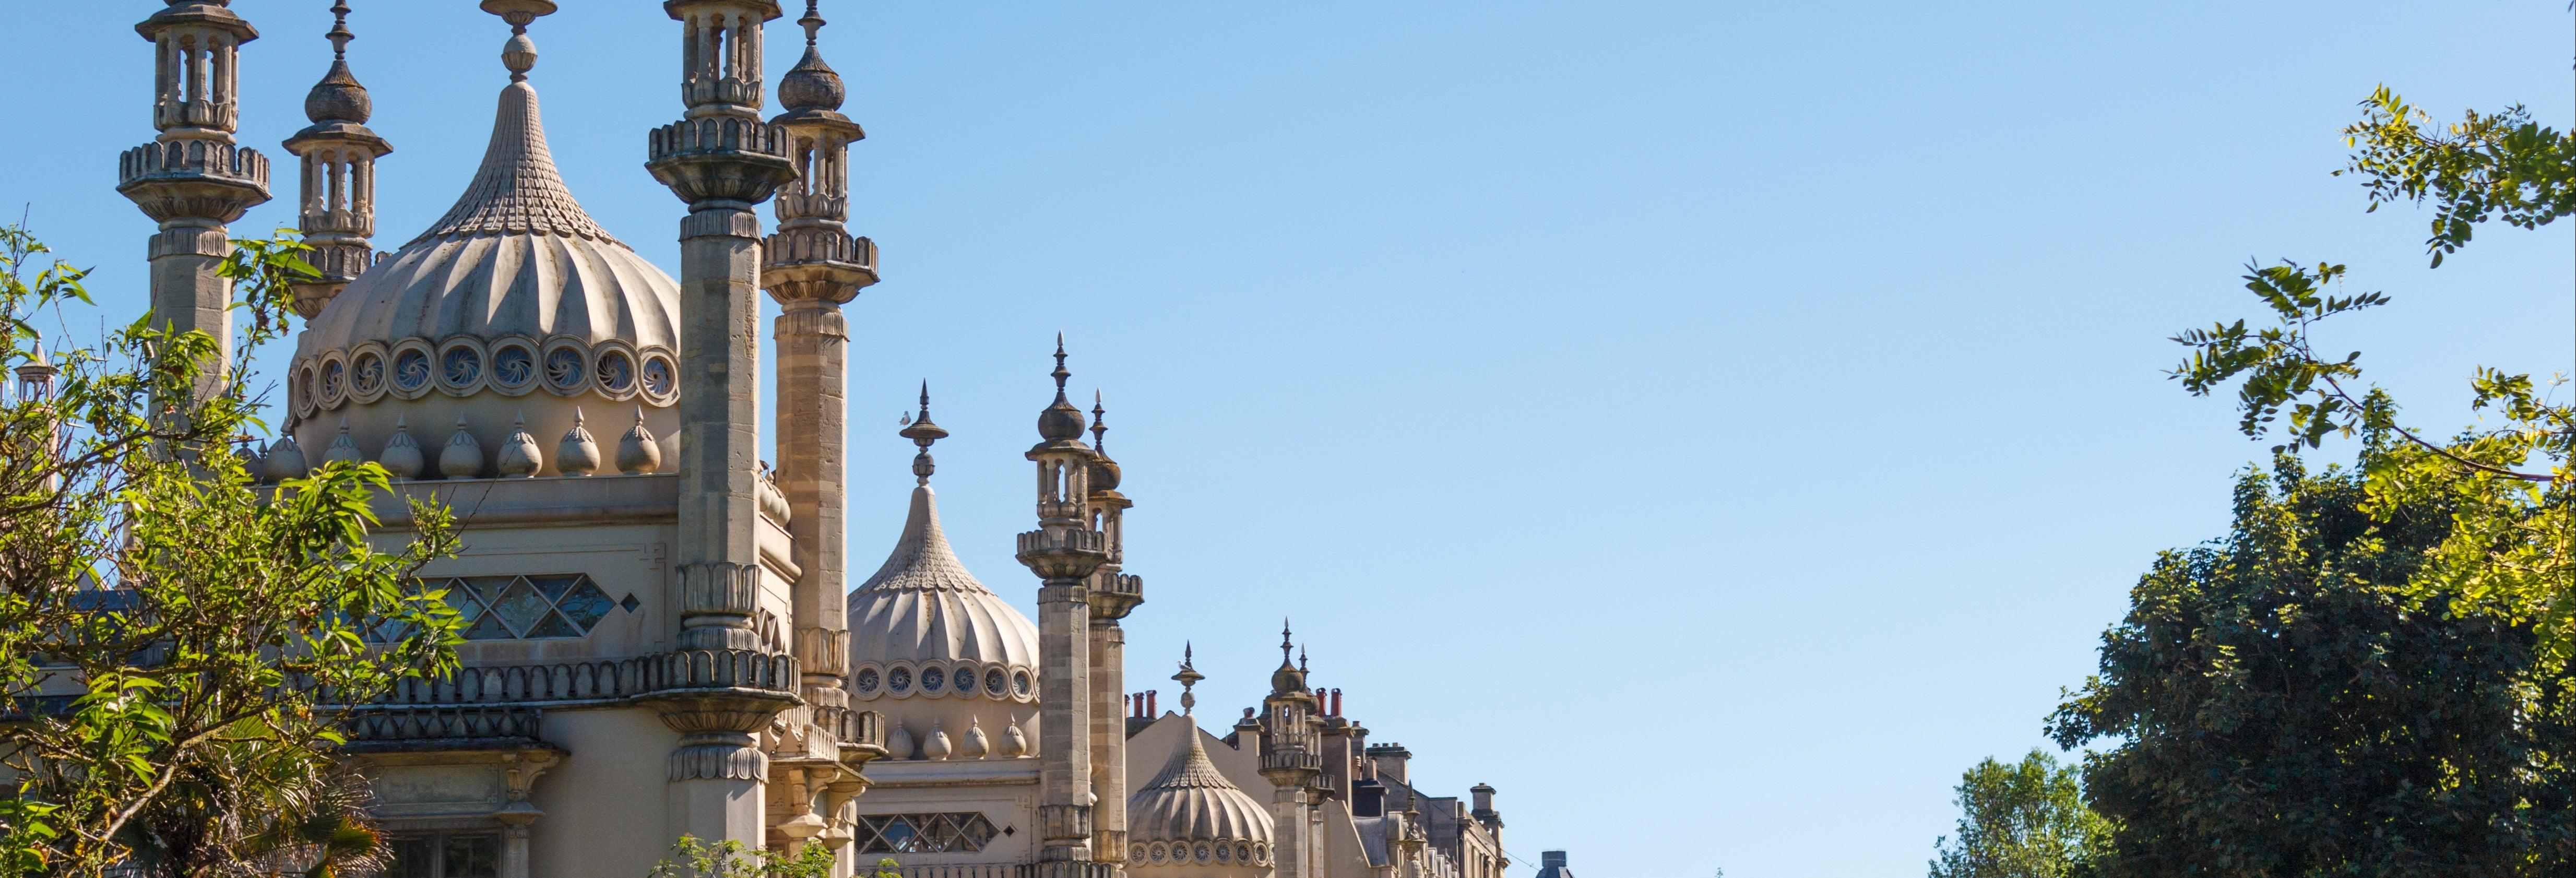 Ticket d'entrée pour le pavillon royal de Brighton